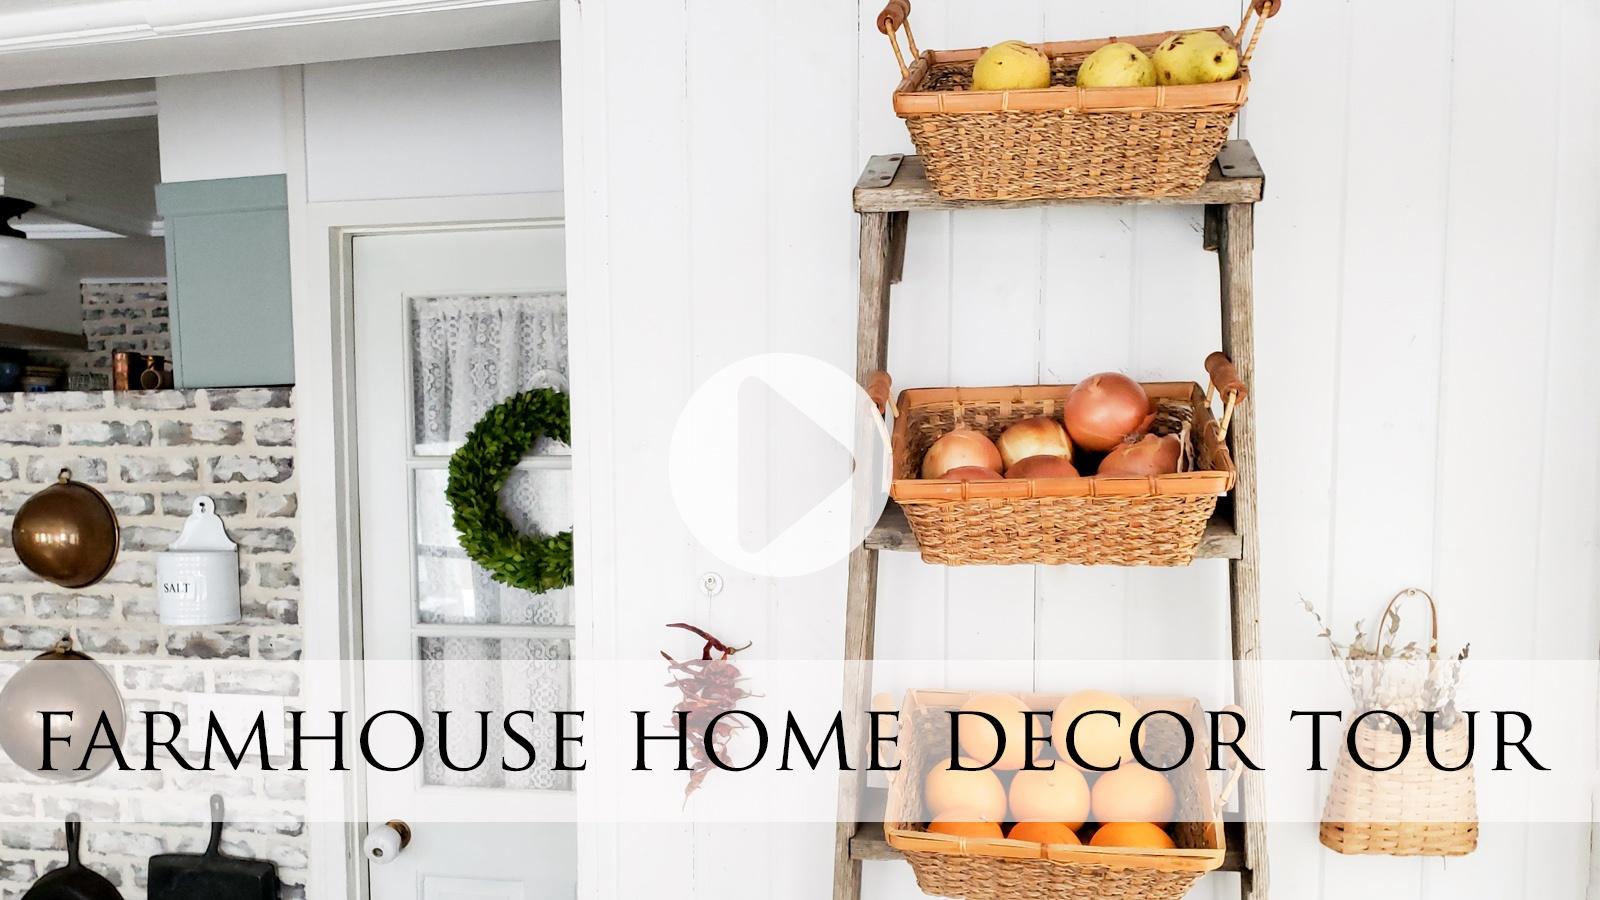 Farmhouse Home Decor Tour by Larissa of Prodigal Pieces   prodigalpieces.com #prodigalpieces